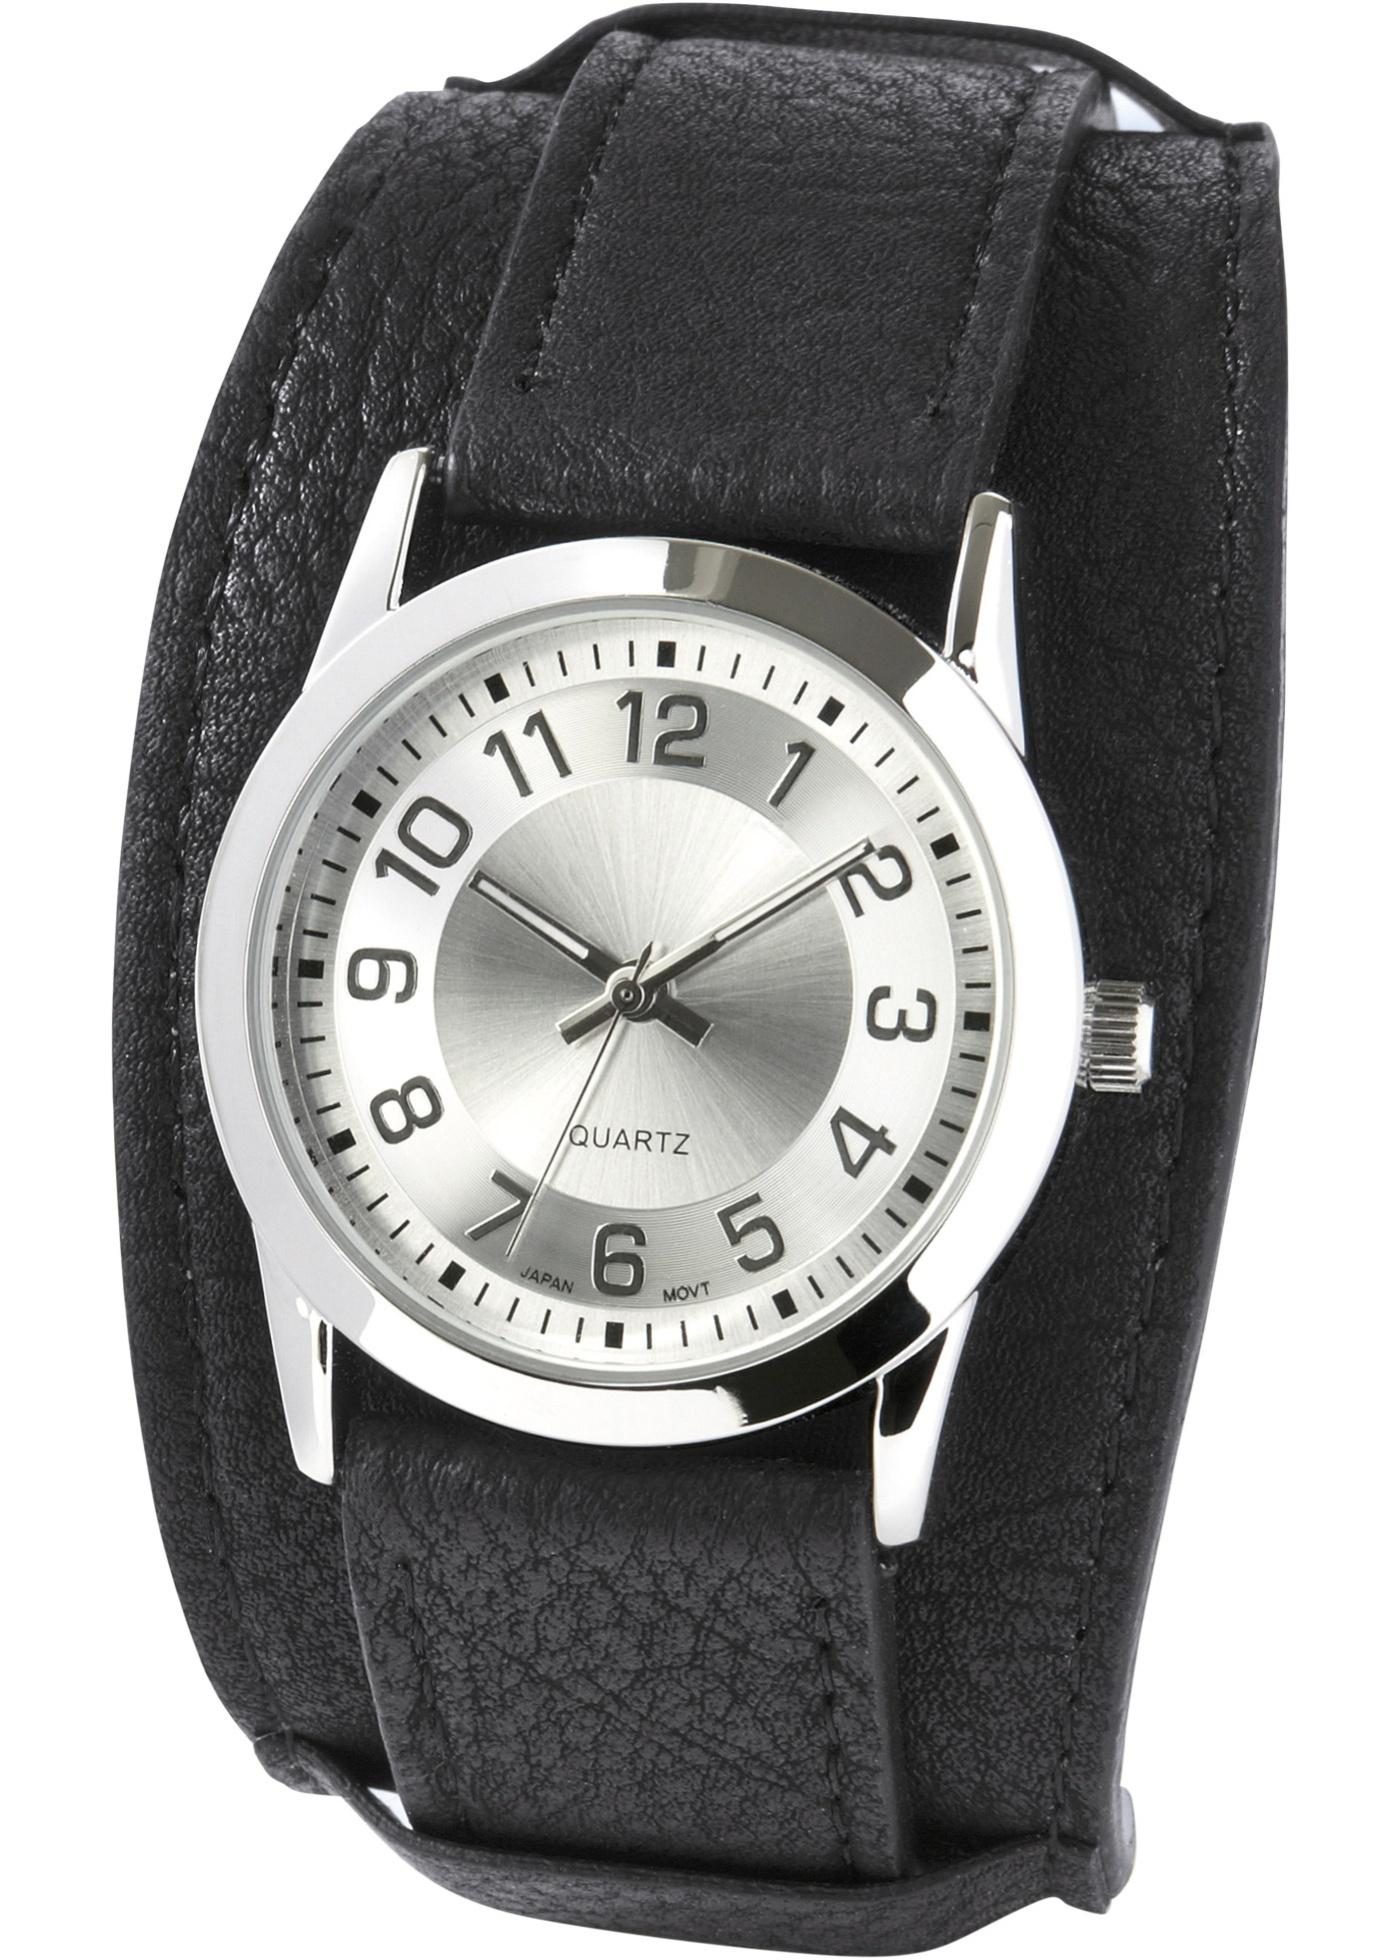 Montre à bracelet large style double épaisseur avec cadran moderne.